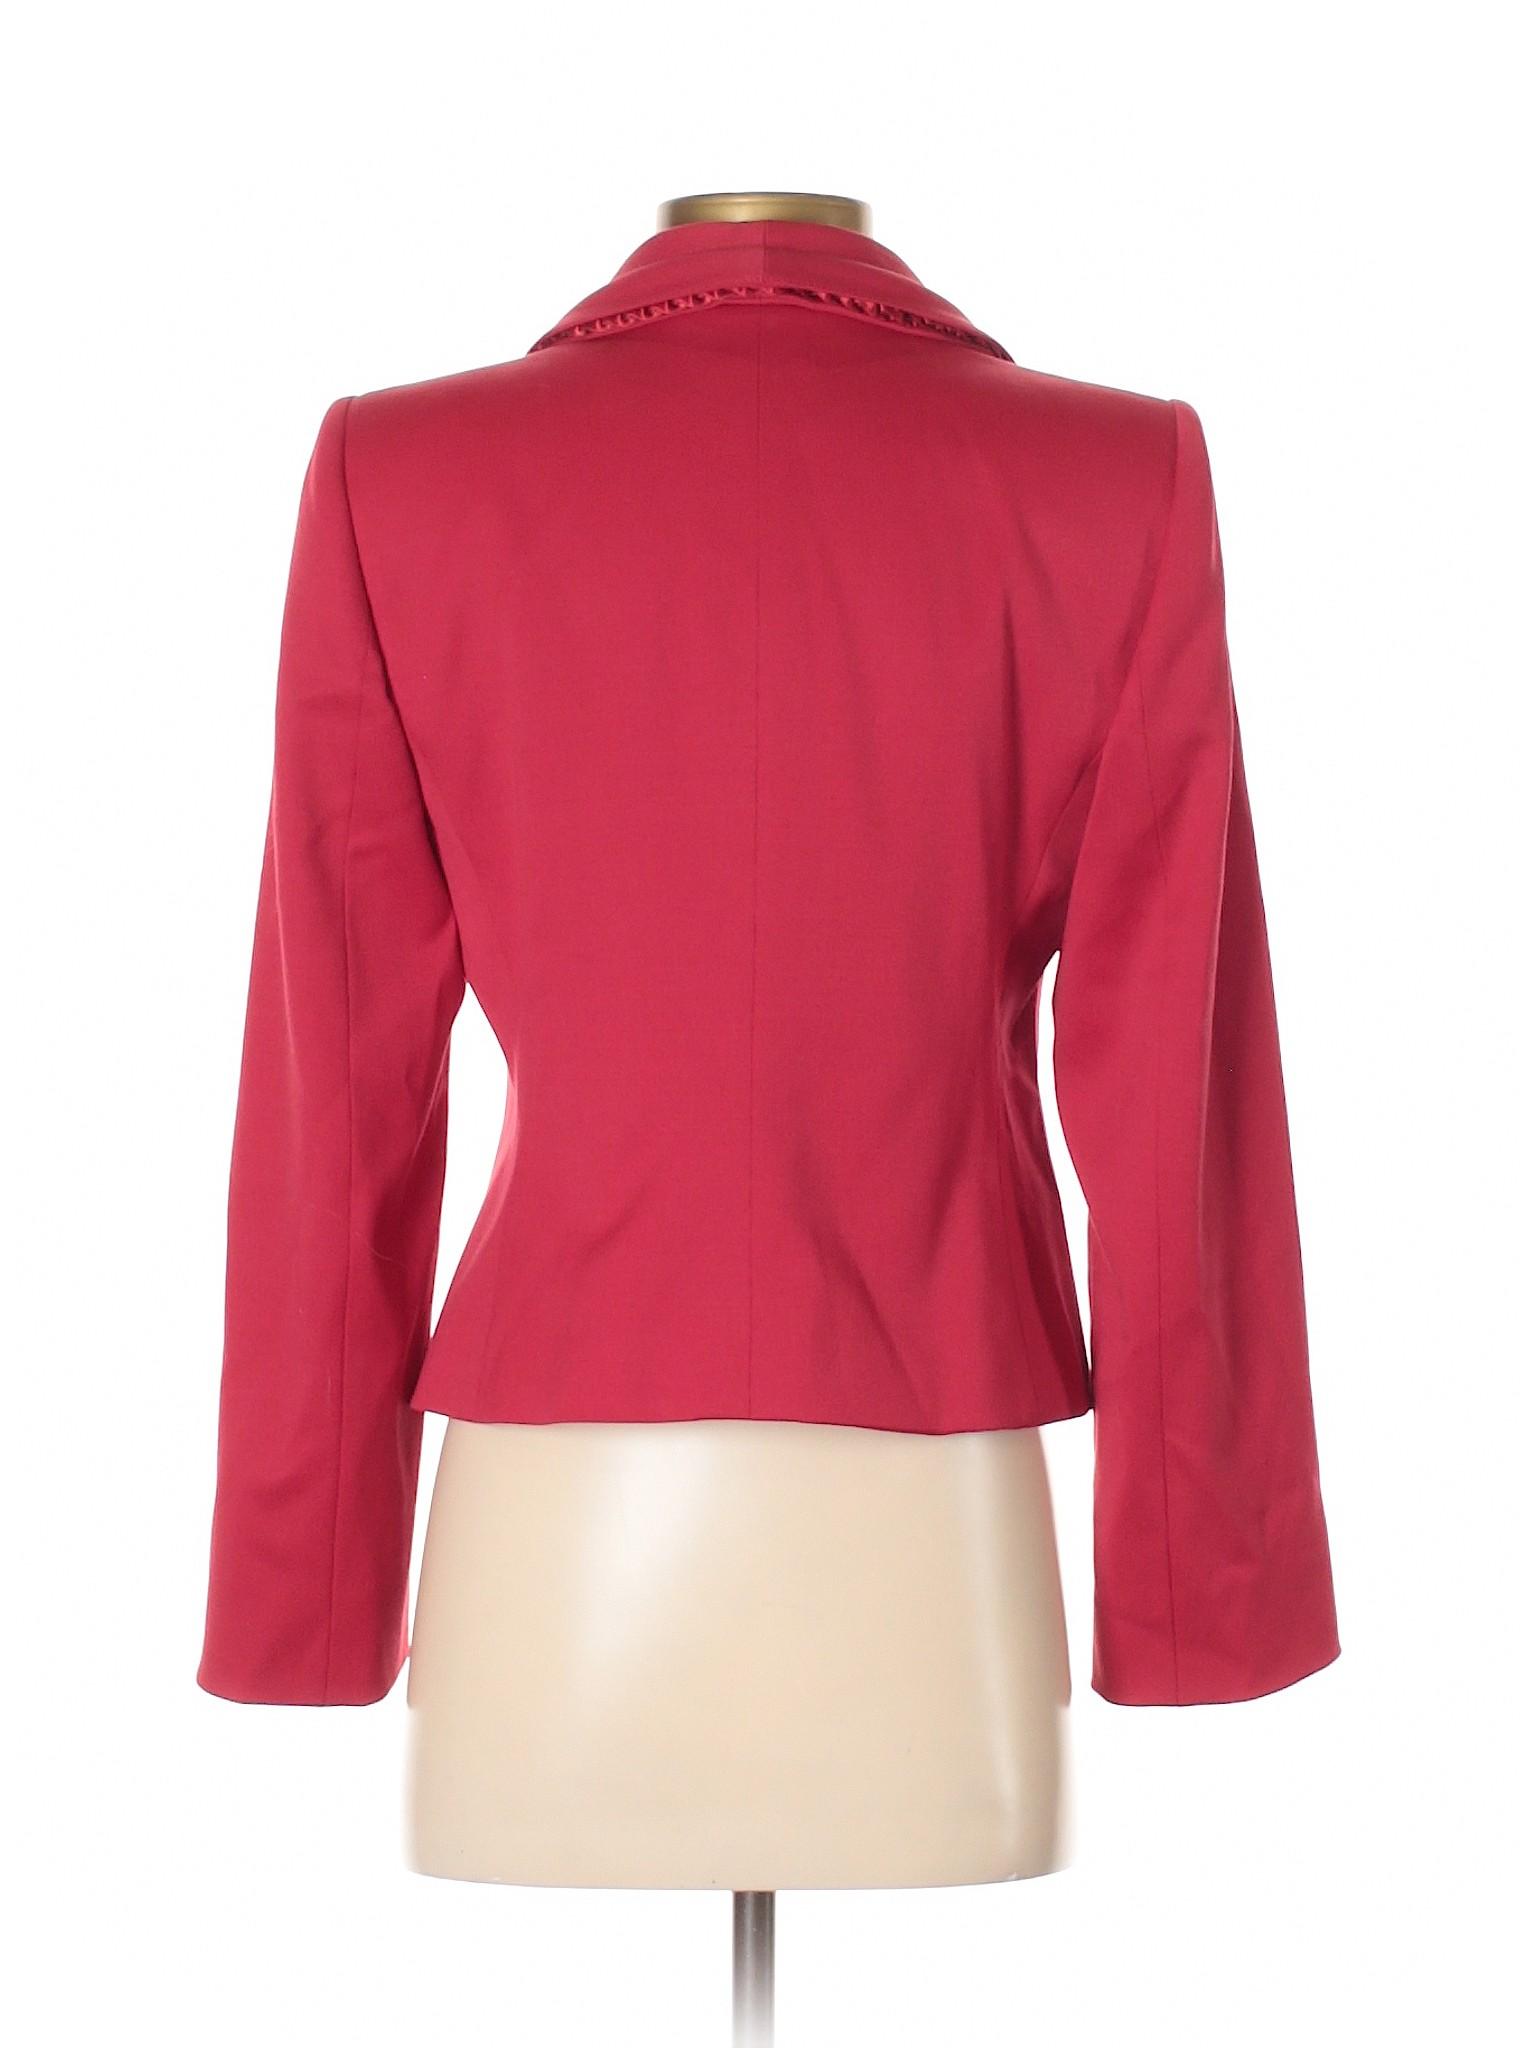 Blazer leisure Collezioni Armani Wool Boutique wIHqAUHd